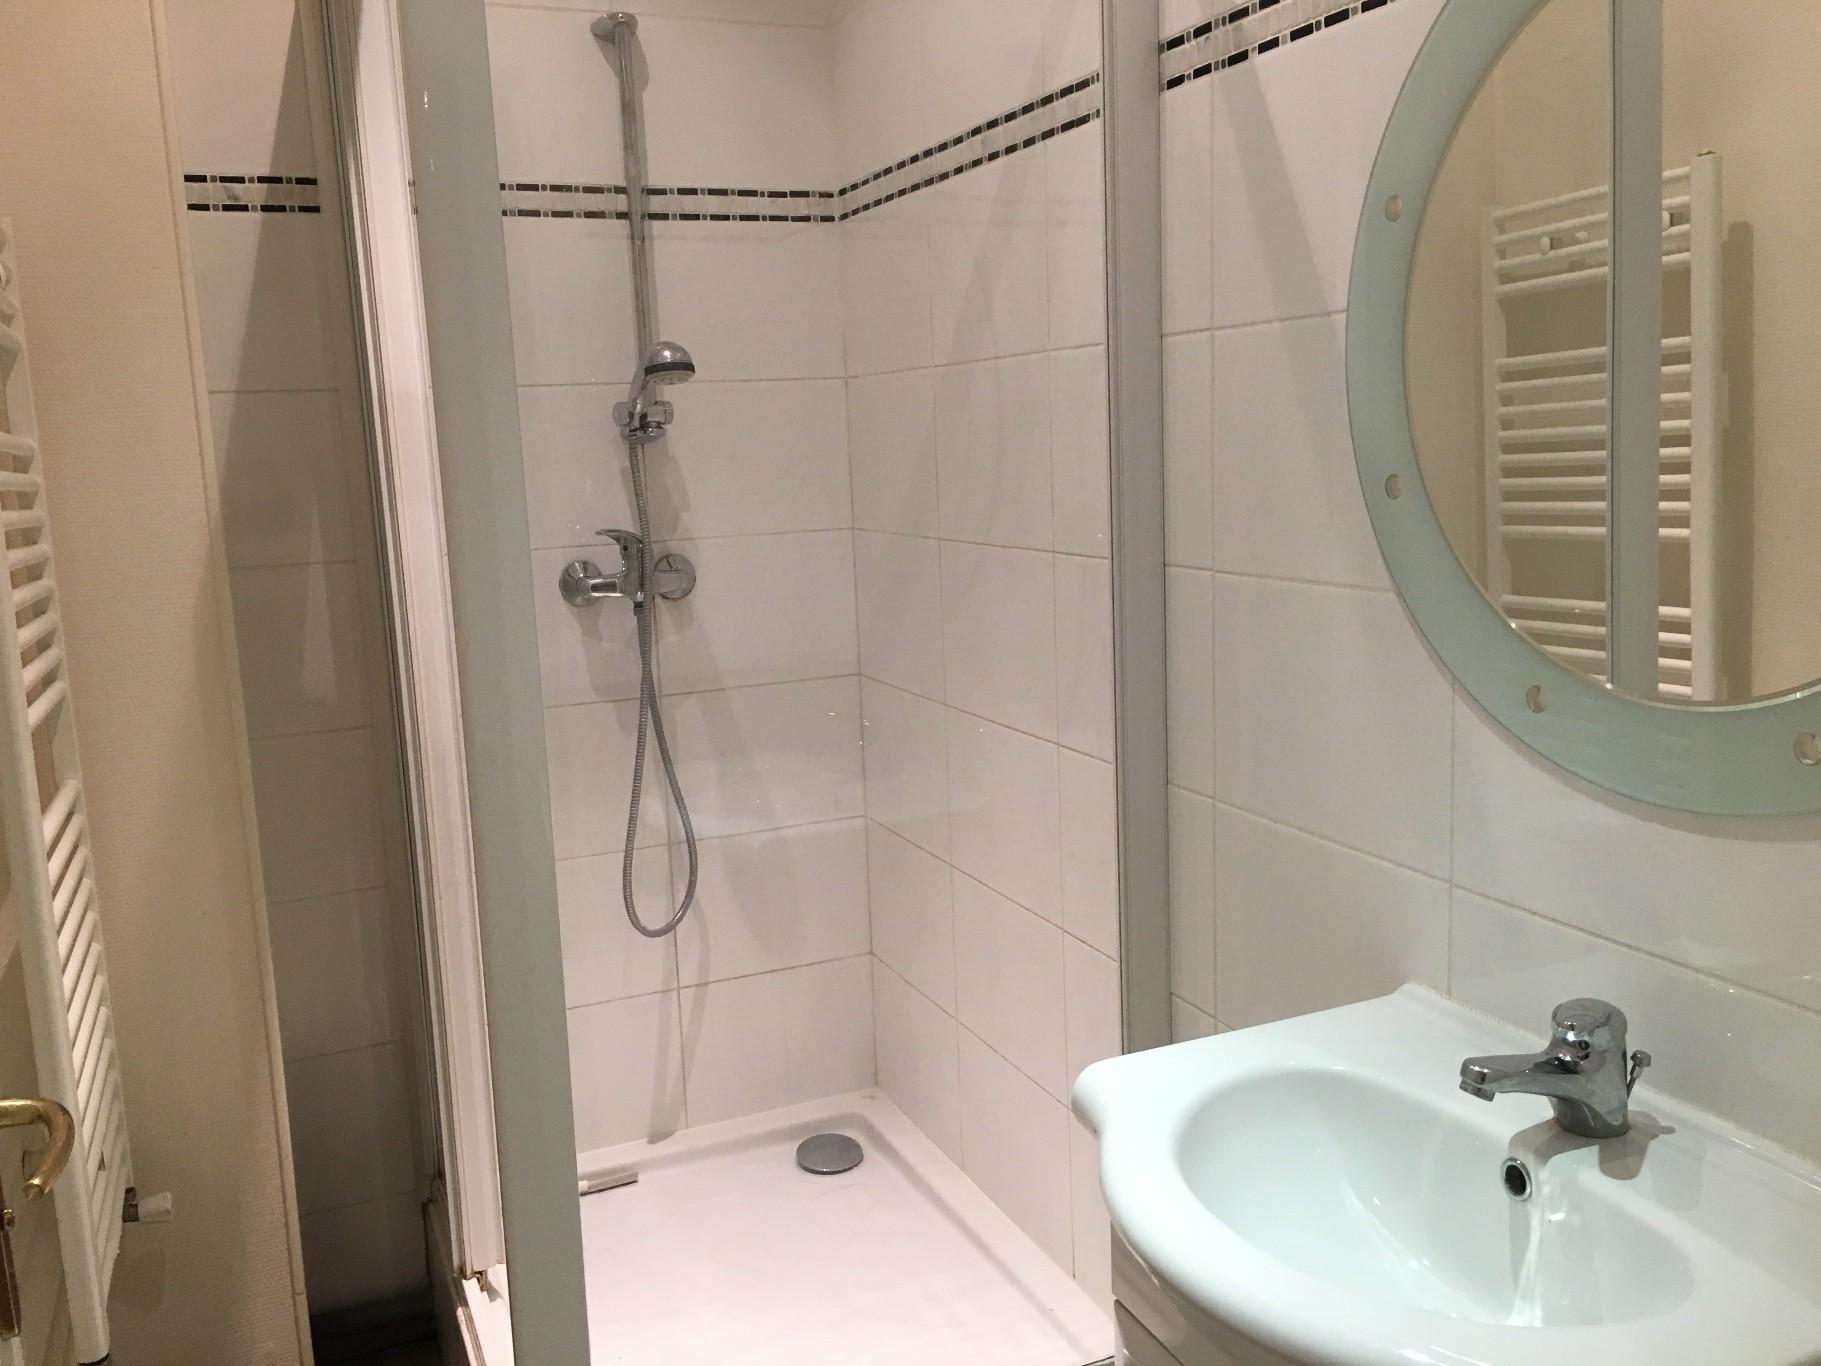 dijon republique location appartement 3 pi ces 62m2 660 cc r f 16 340 181502 cm. Black Bedroom Furniture Sets. Home Design Ideas